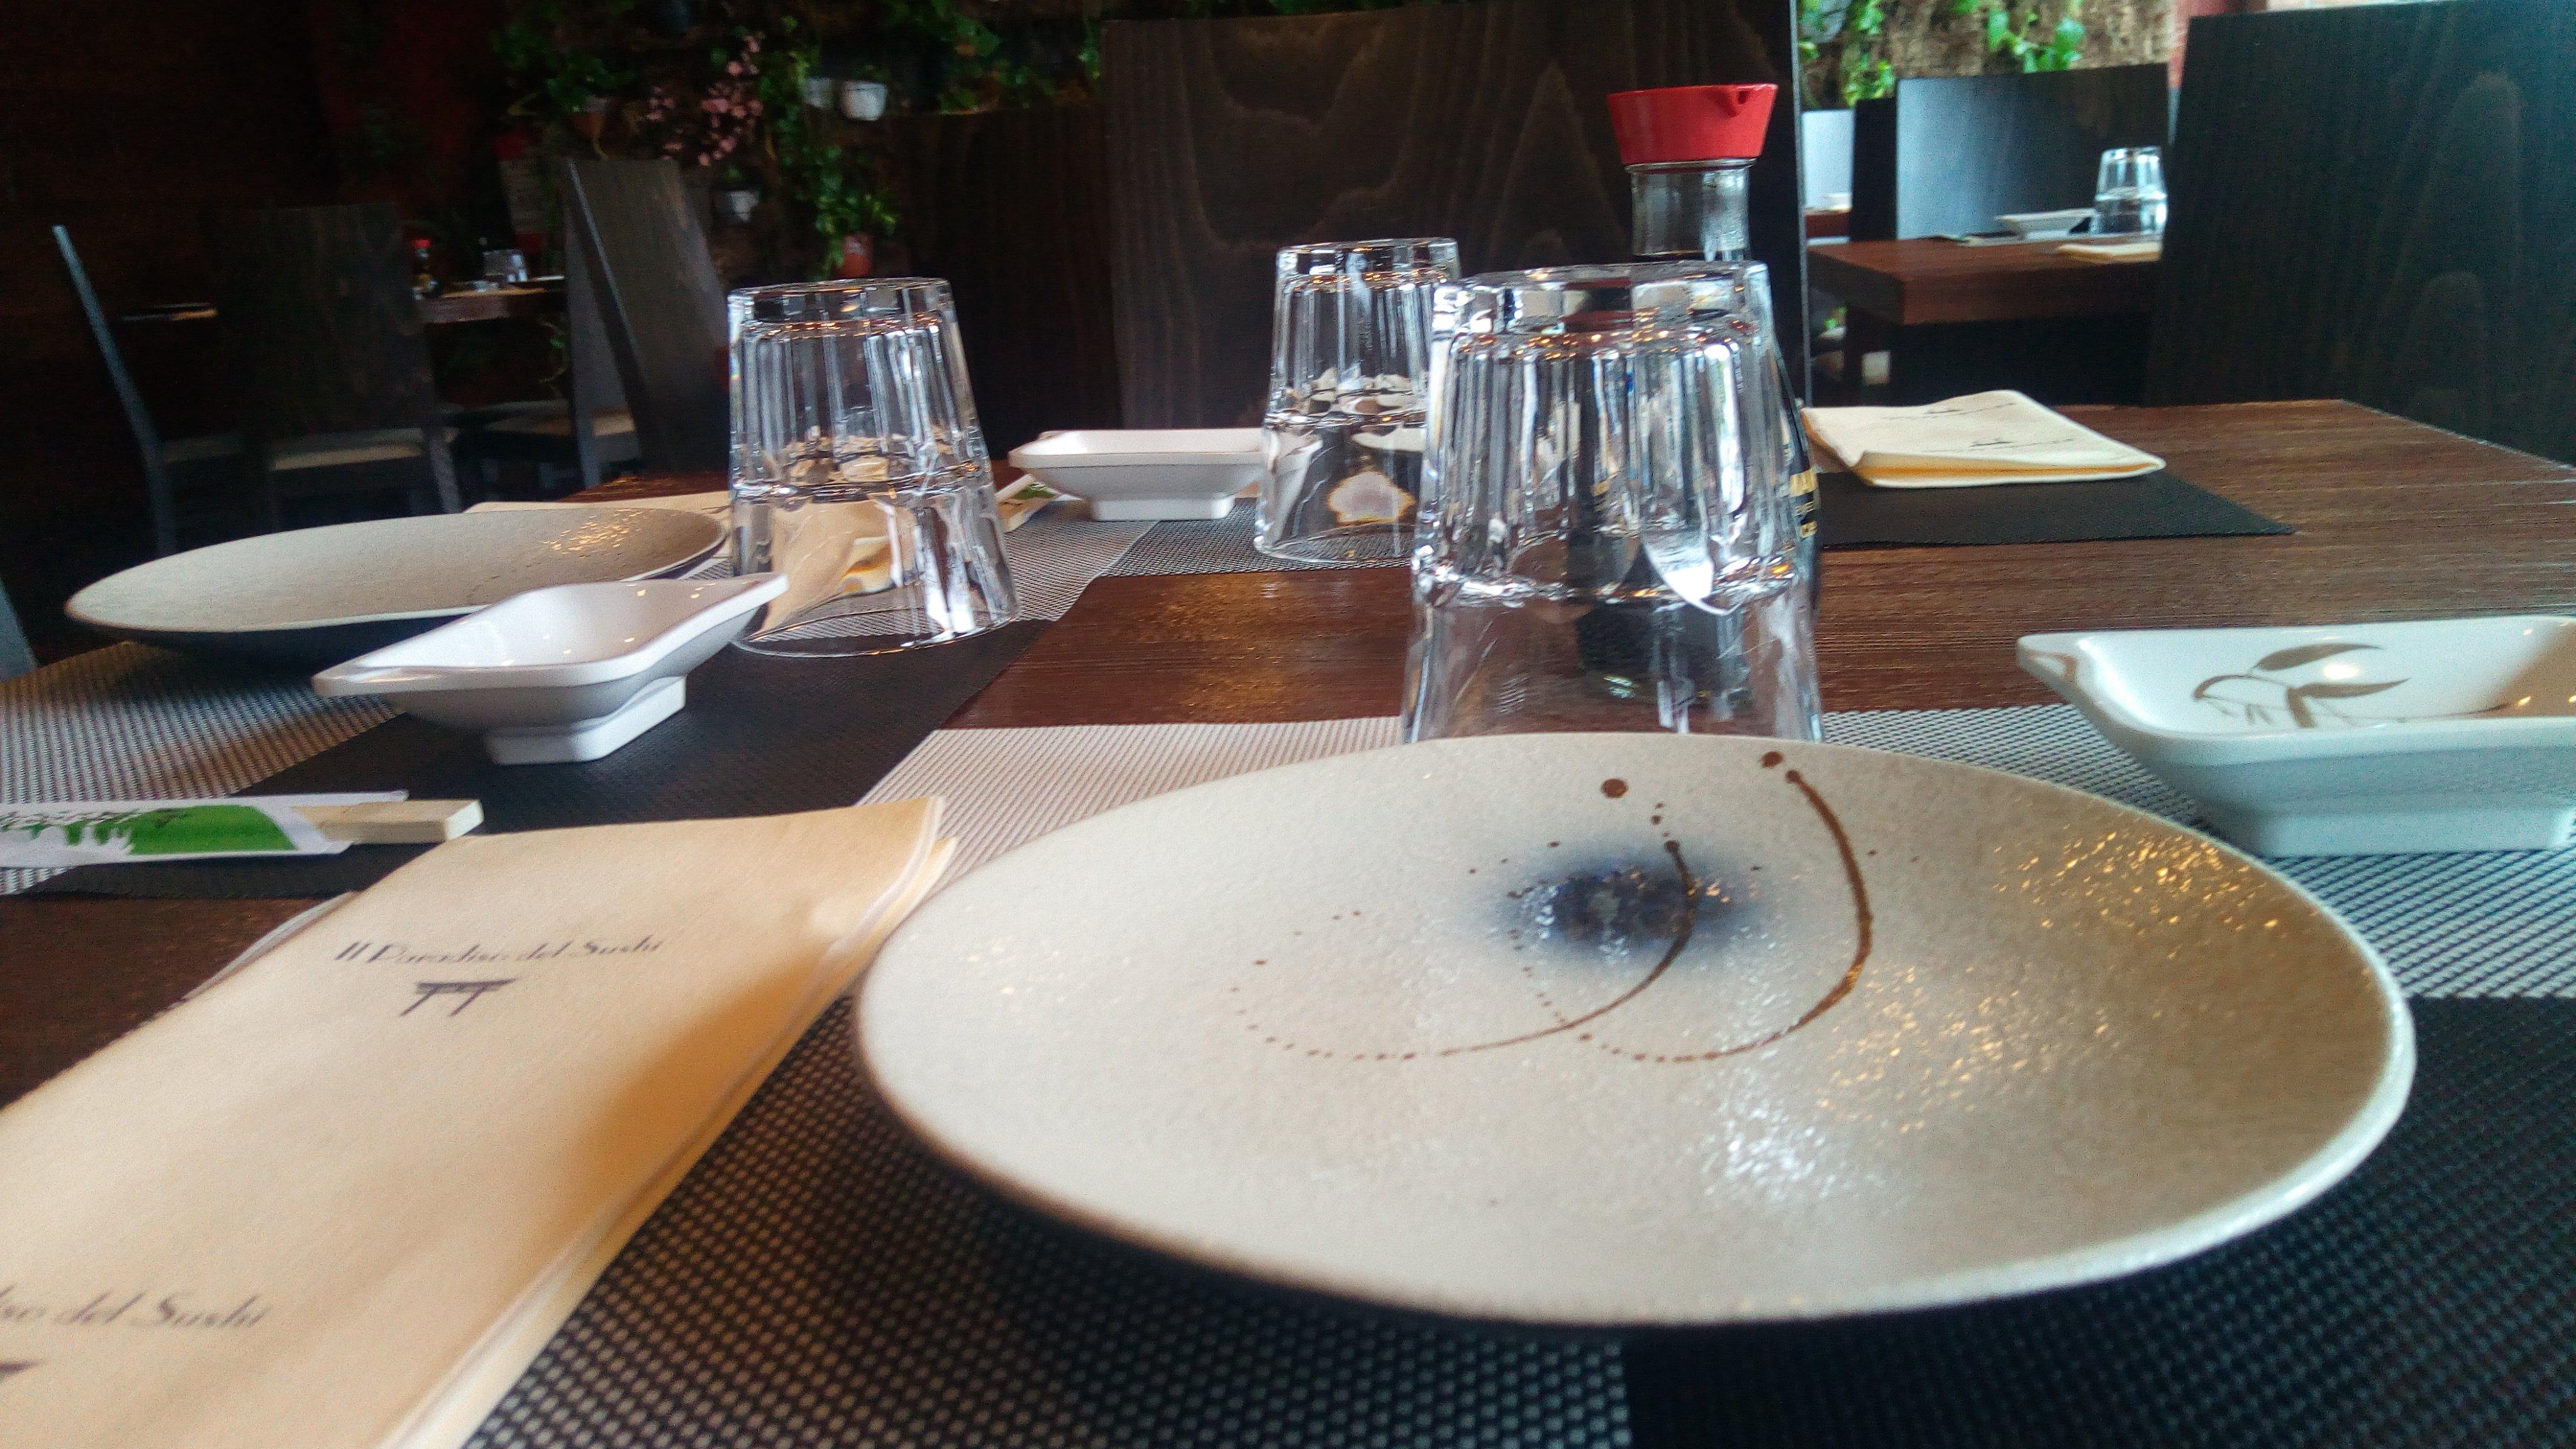 un tavolo apparecchiato all'interno del ristorante